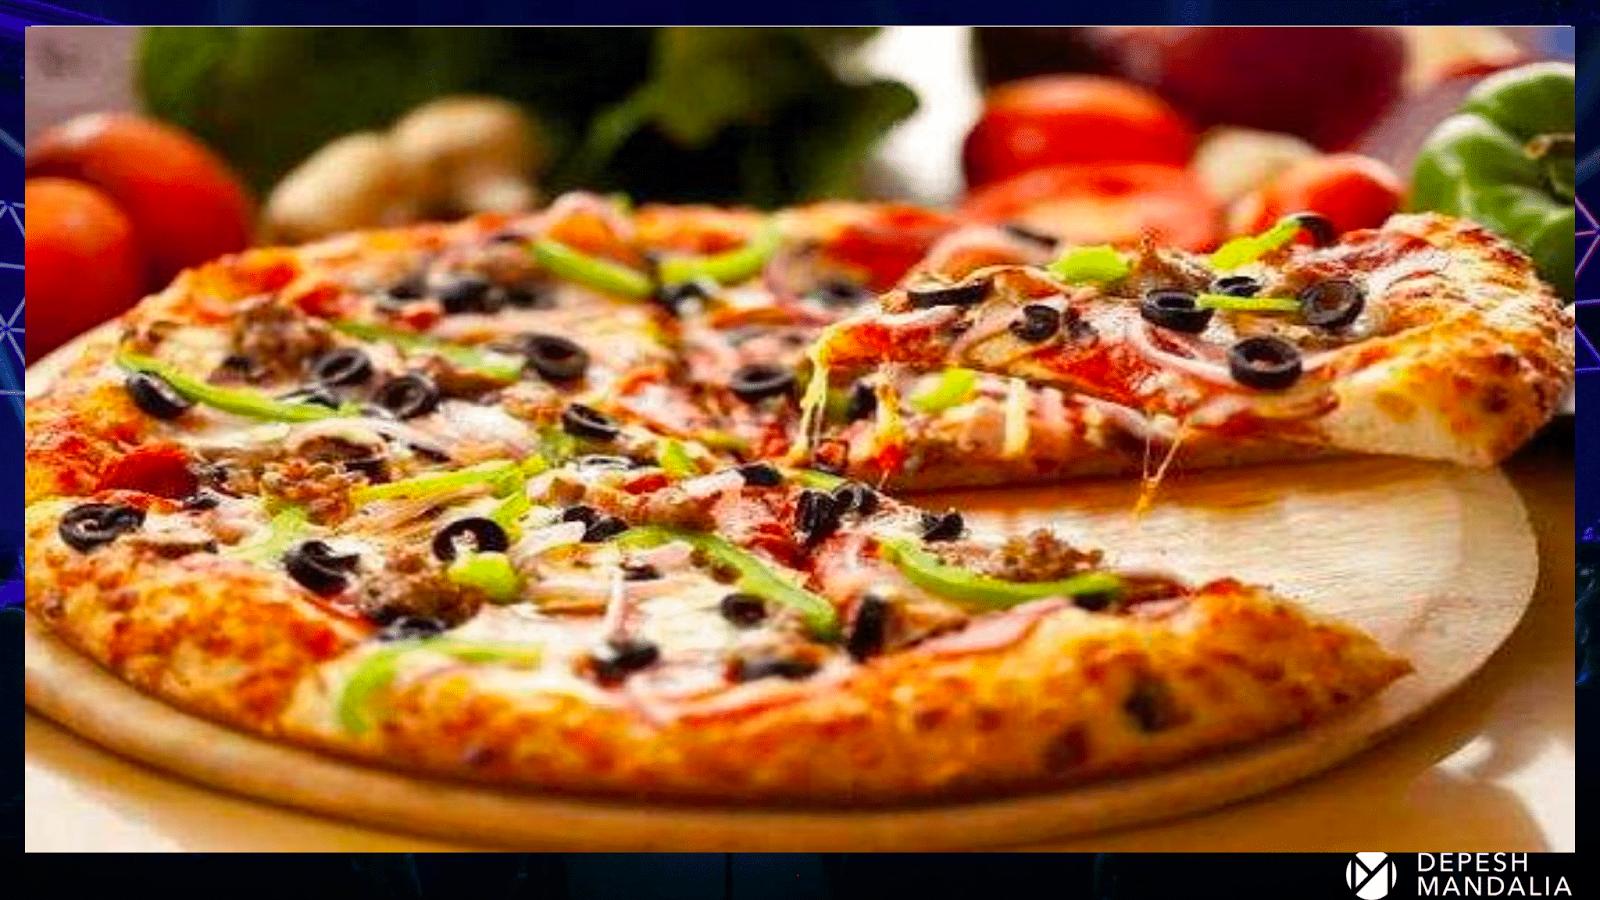 Первая пицца от Депеша Мандалии